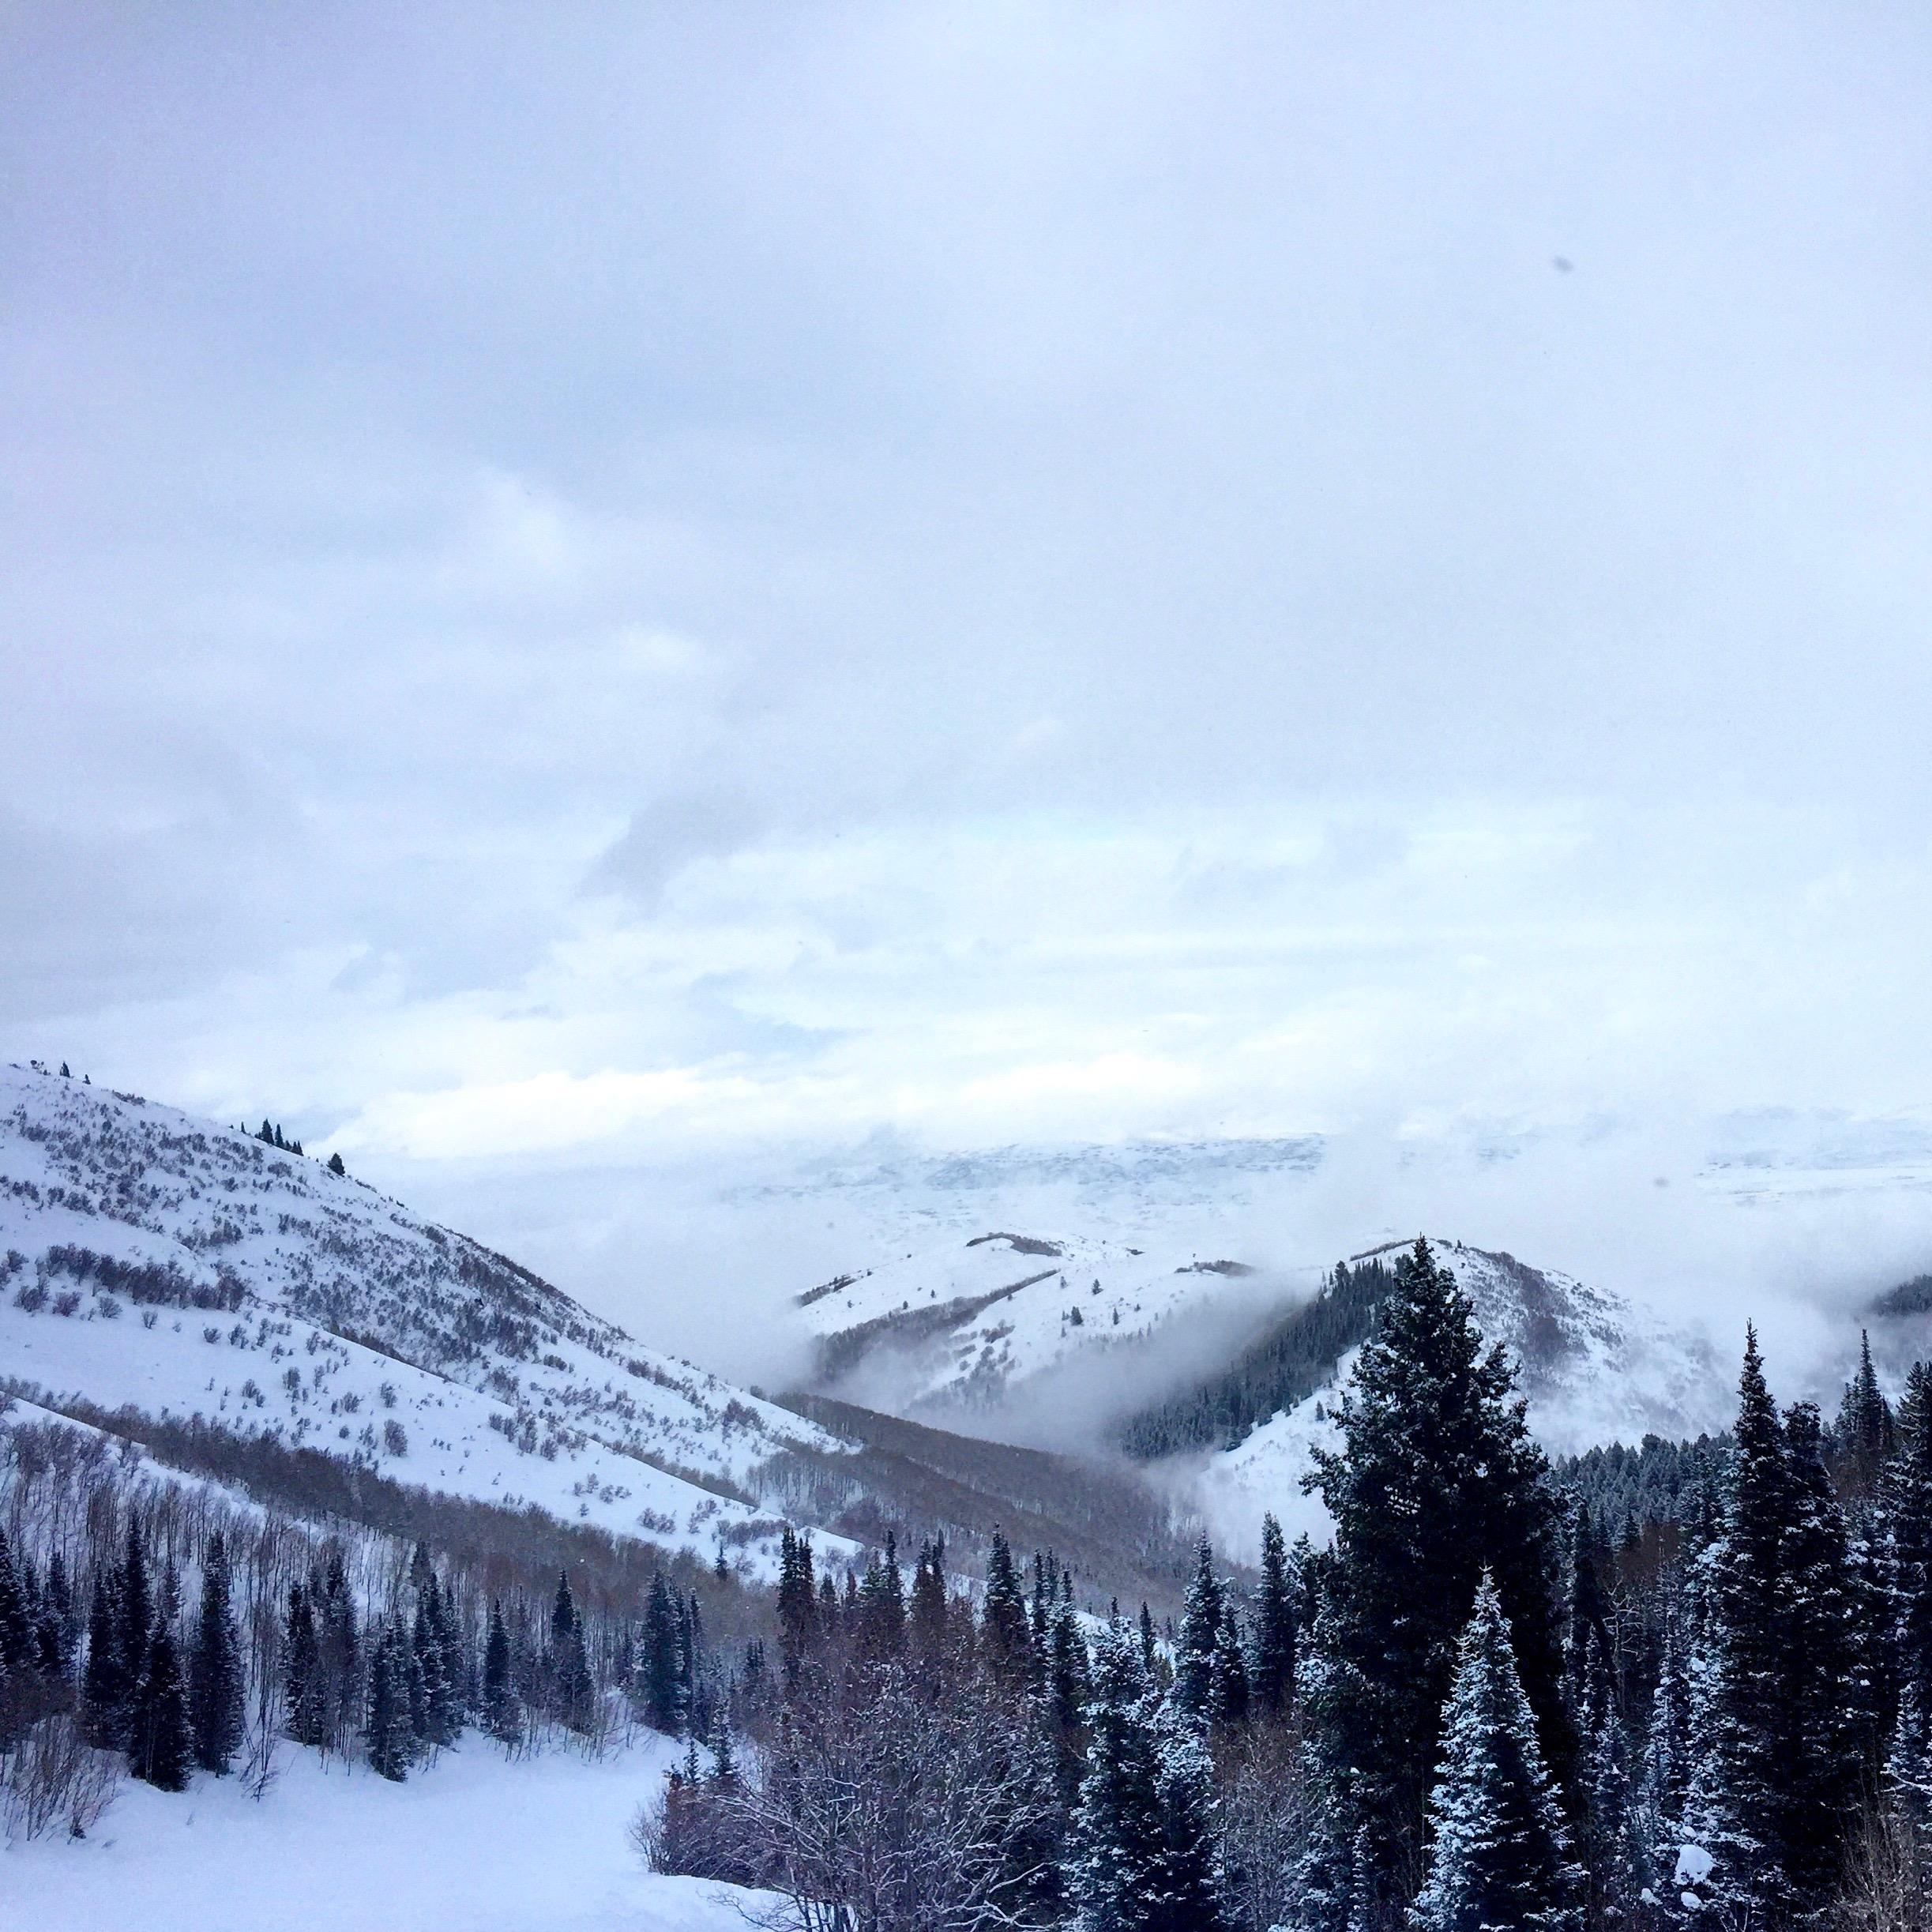 skiing-park-city-utah-view